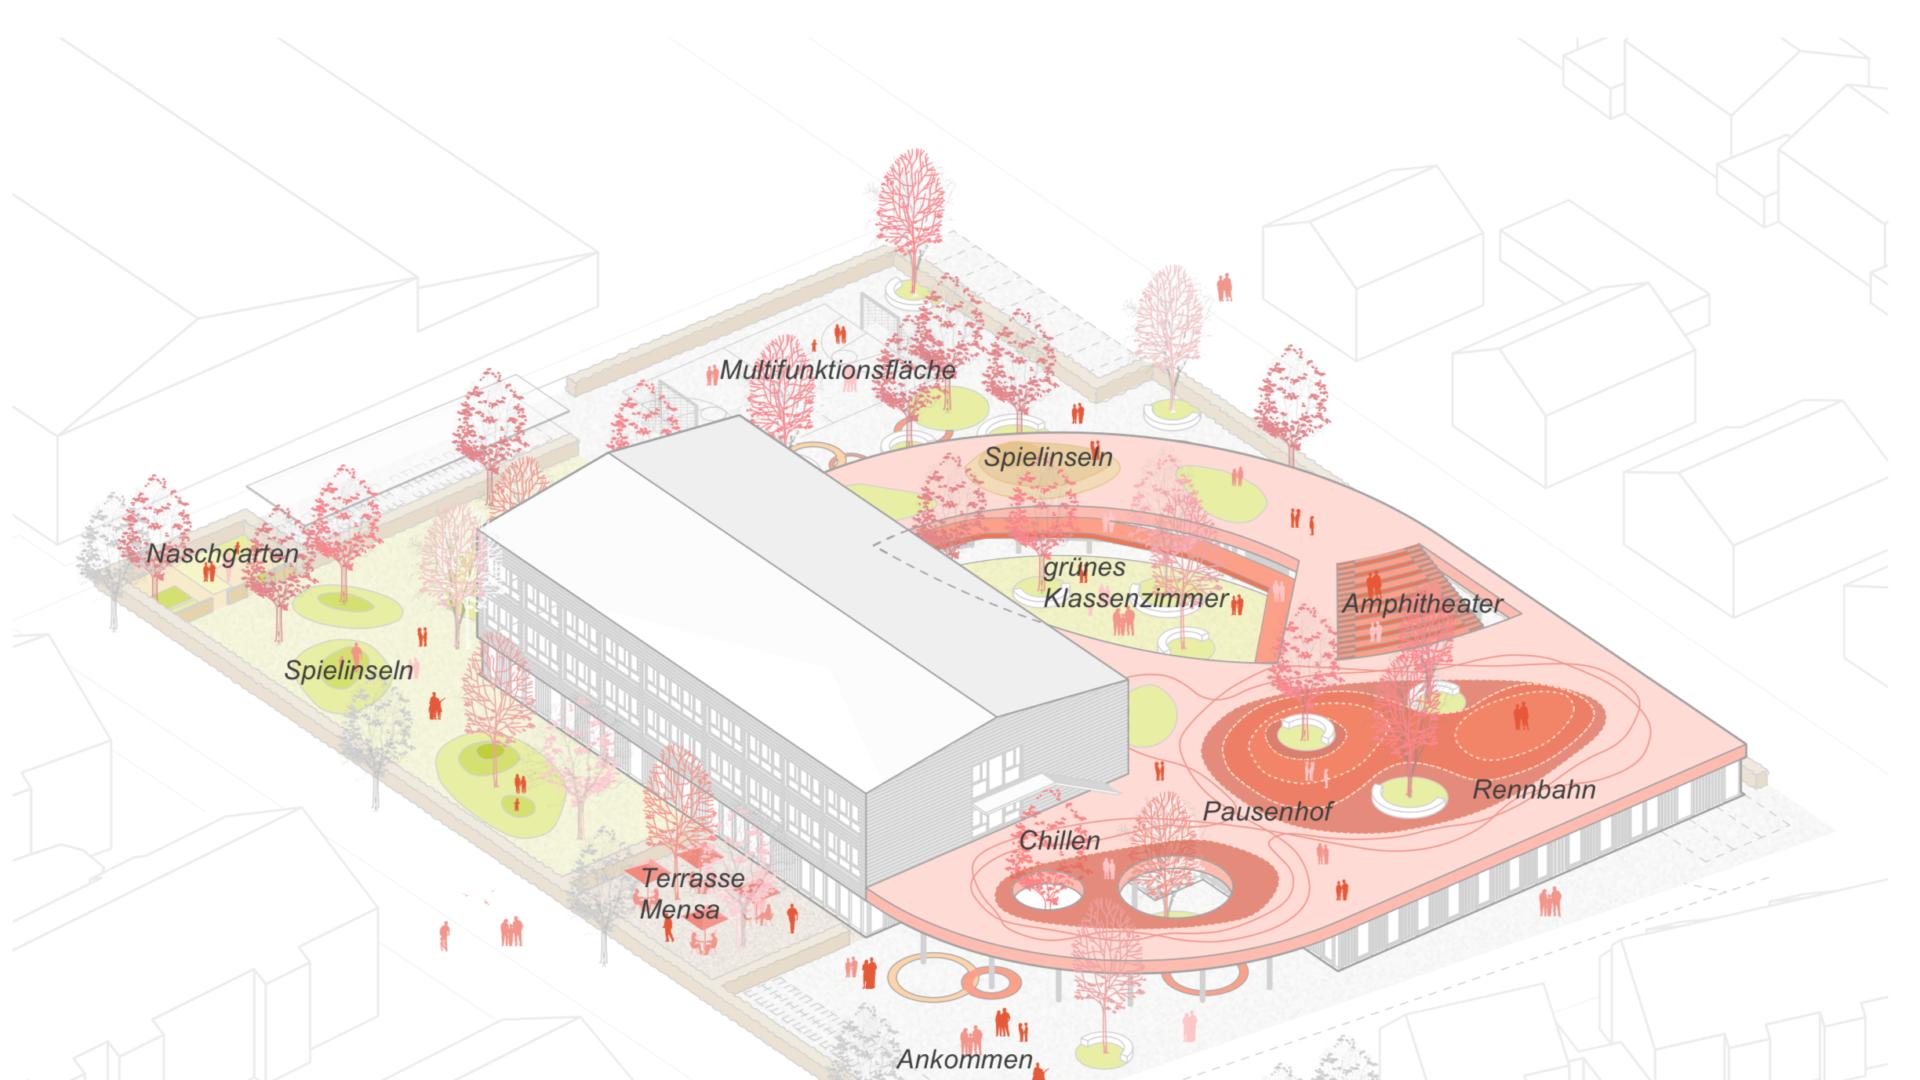 Isometrie buerohauser Wettbewerbsbeitrag Umbau eines Gemeinschaftsschulgebäudes in eine Grundschule und Errichtung einer Einfeld-Sporthalle Bietigheim 2021